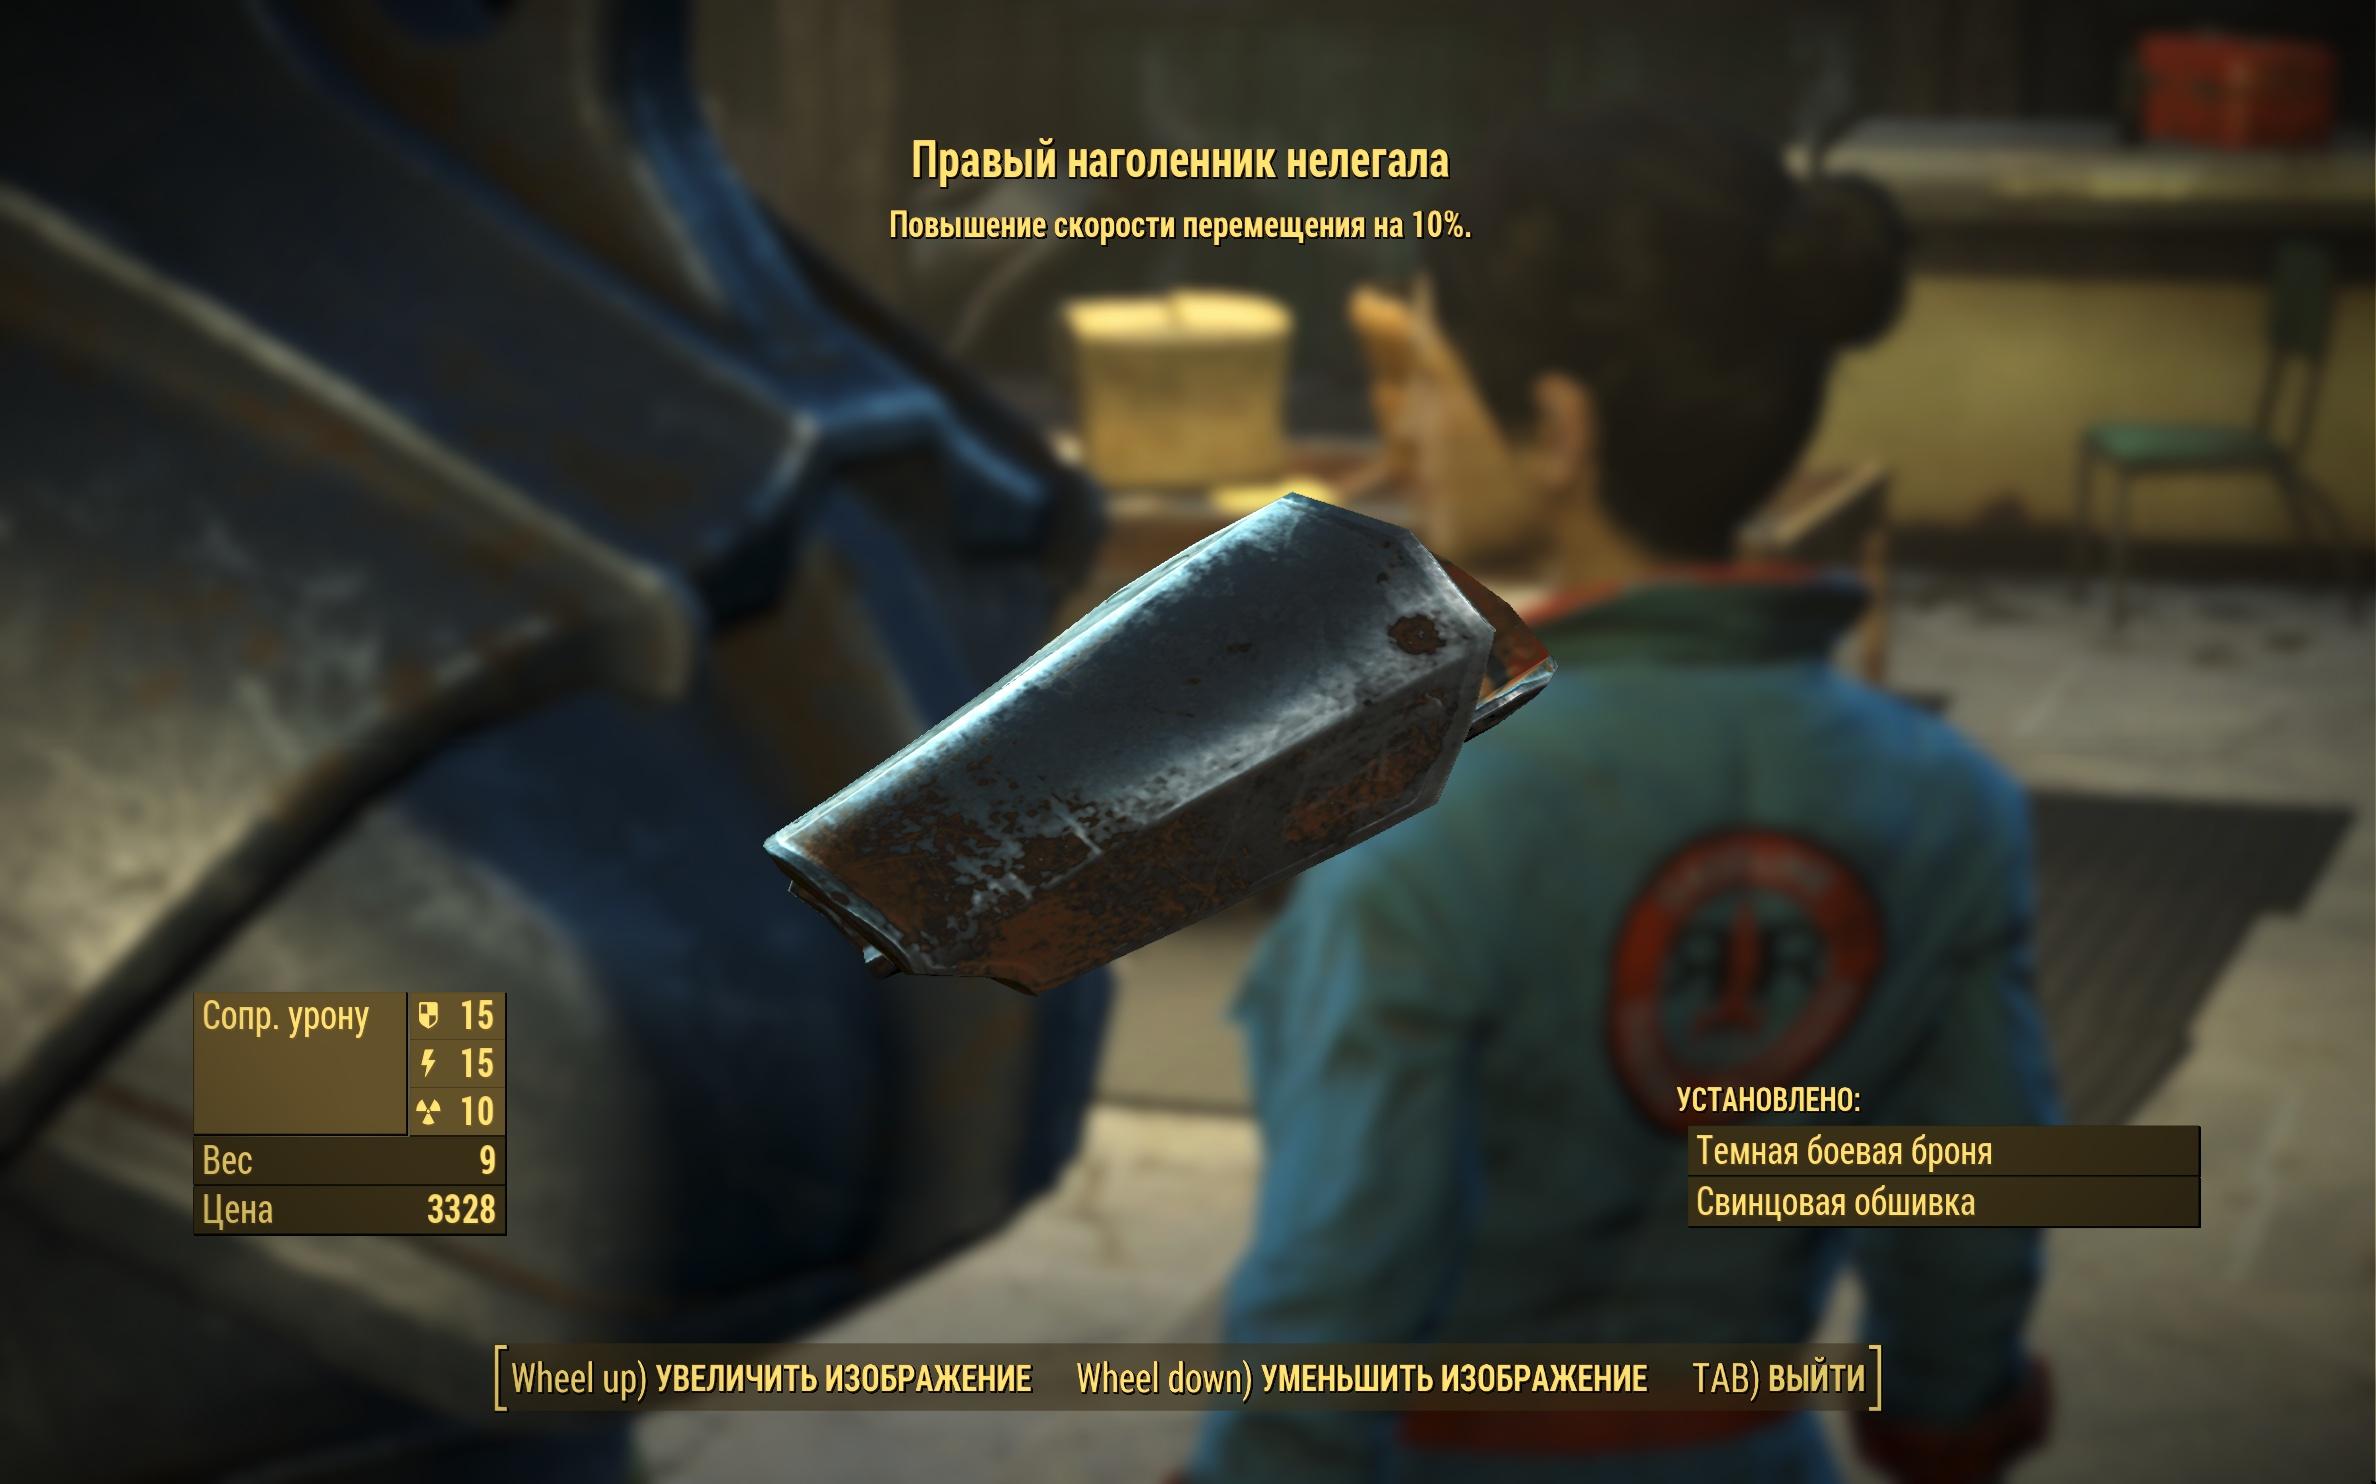 Правый наголенник нелегала - Fallout 4 наголенник, нелегал, Одежда, Правый